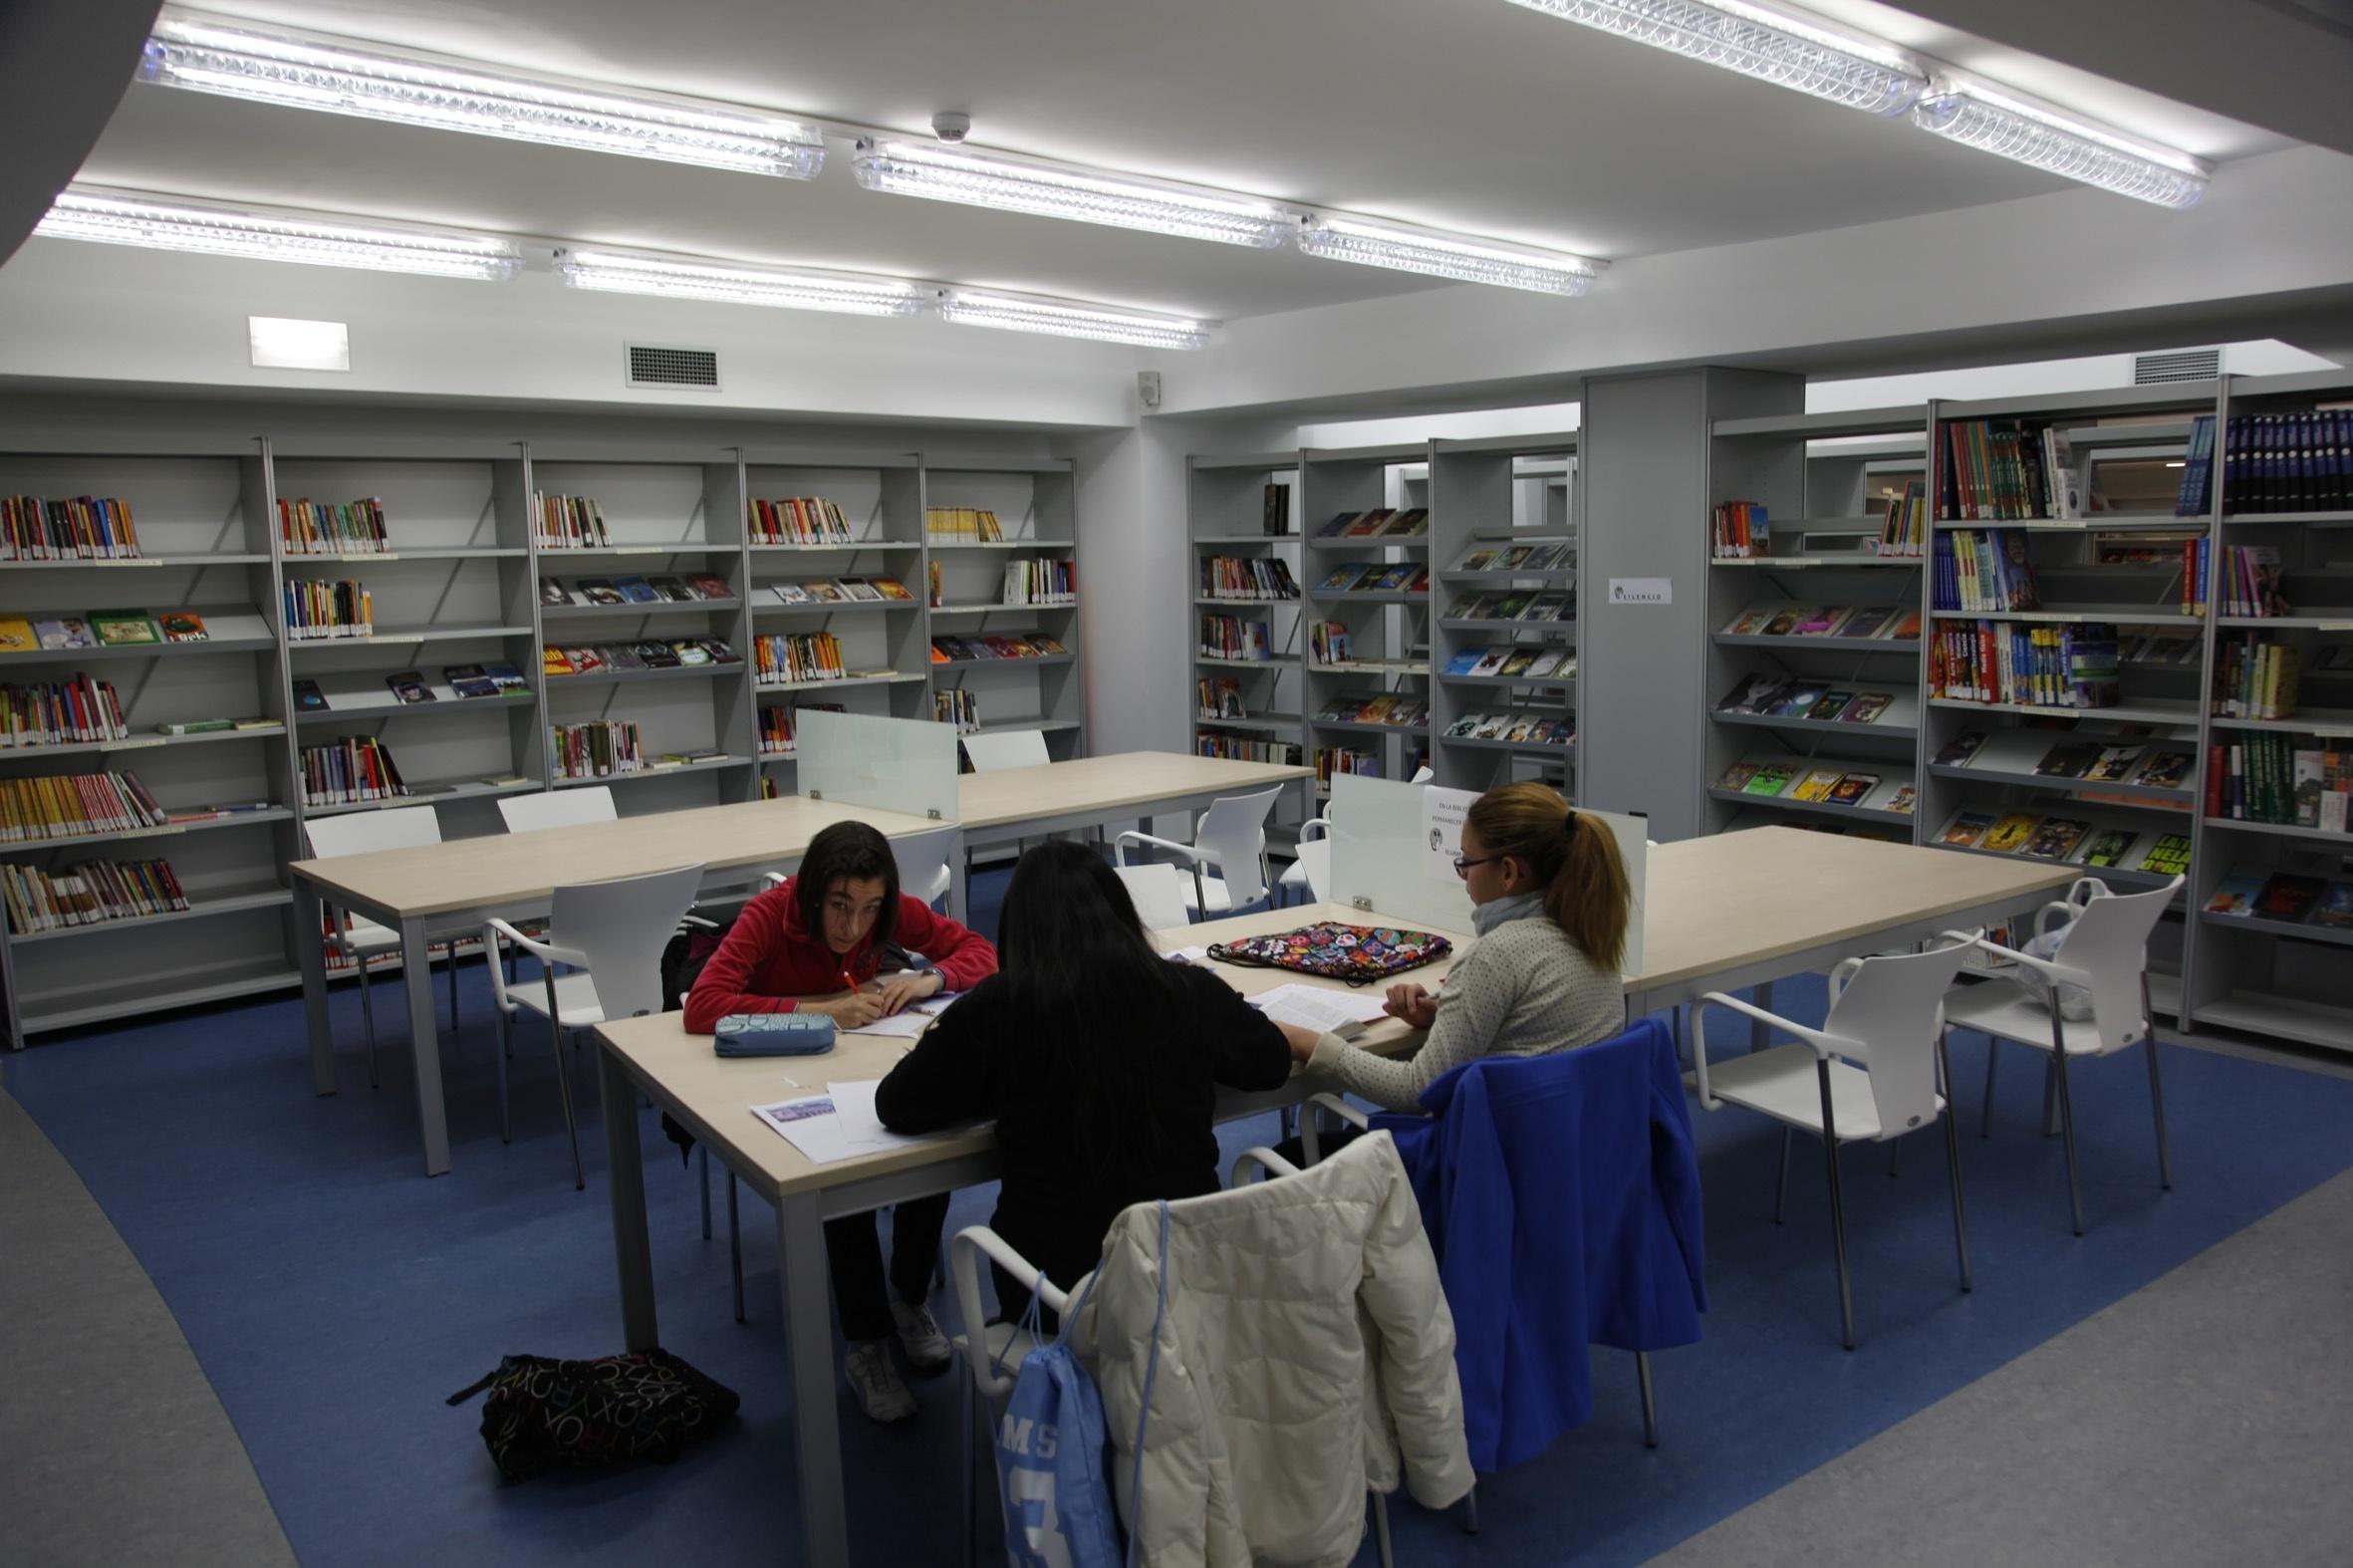 La nueva biblioteca de Tarazona abrirá también los sábados